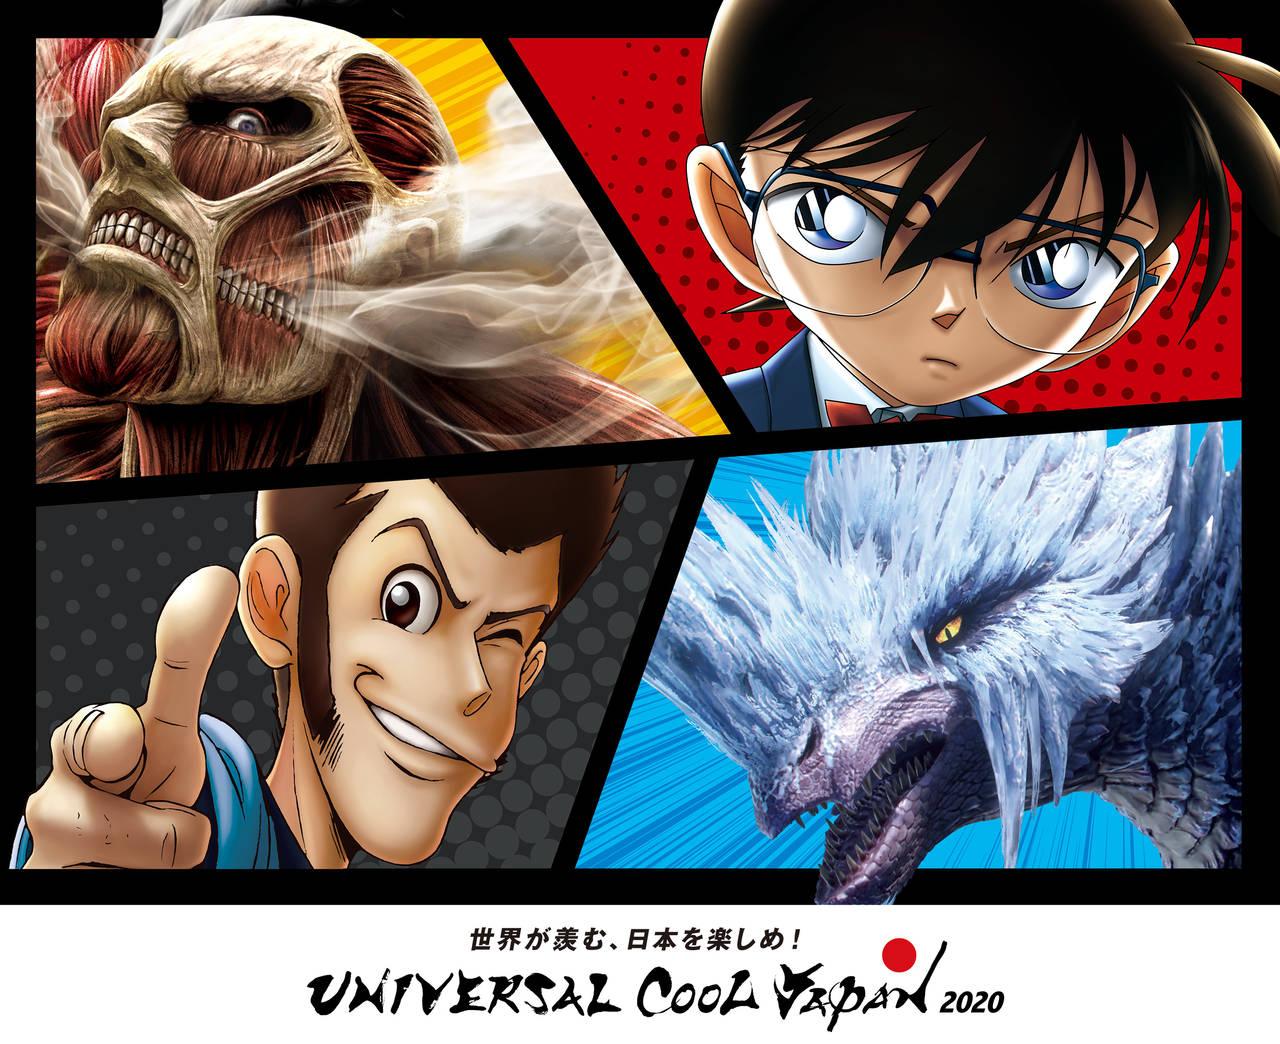 USJに『進撃の巨人』『名探偵コナン』『ルパン三世』『モンスターハンター』のアトラクションが登場!